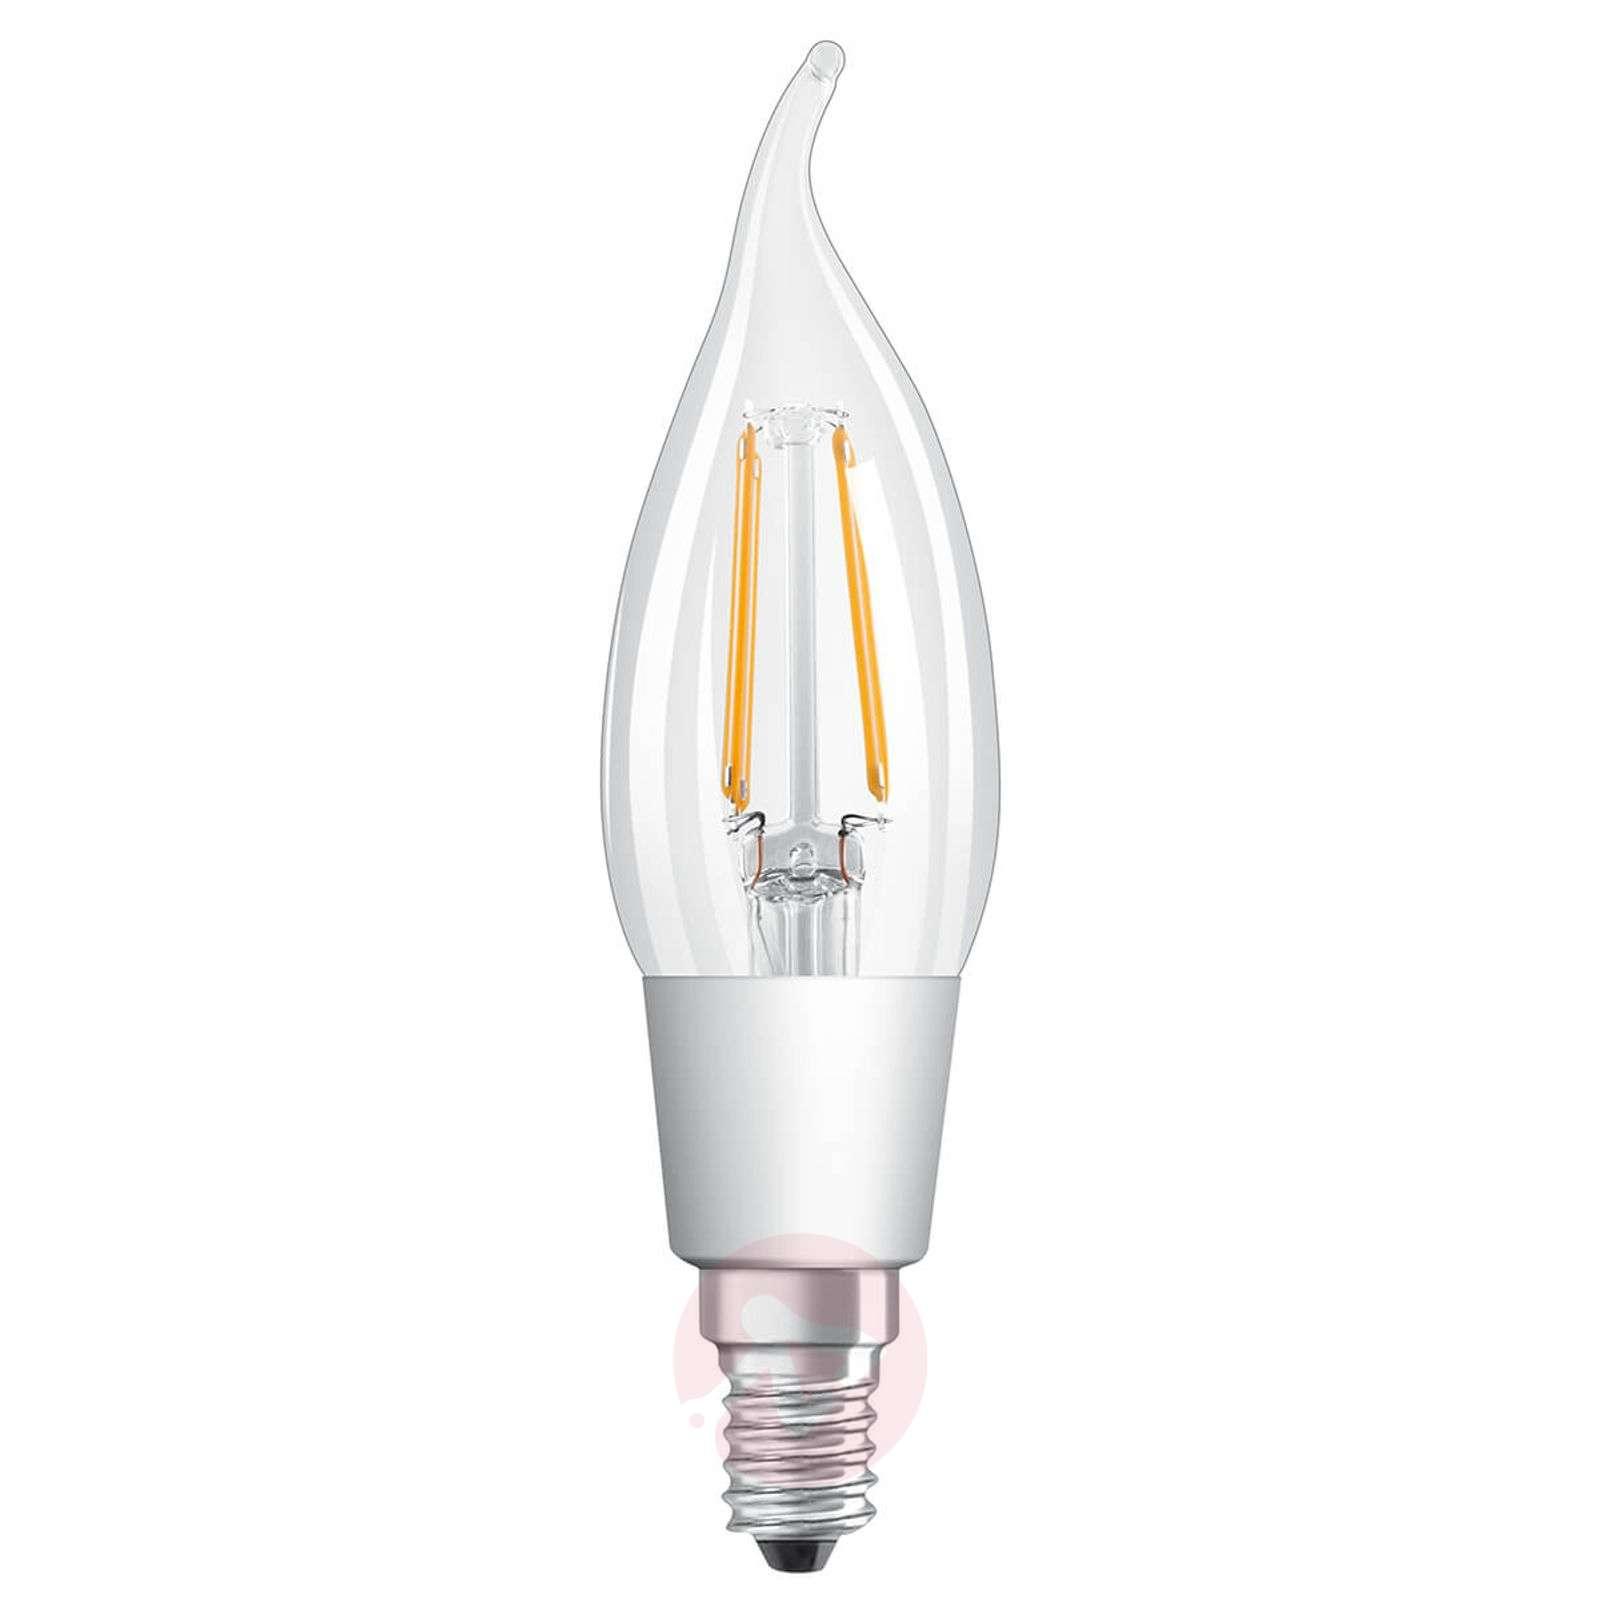 LED-kynttilälamppu E14 4,5 W, lämmin valkoinen-7262017-01